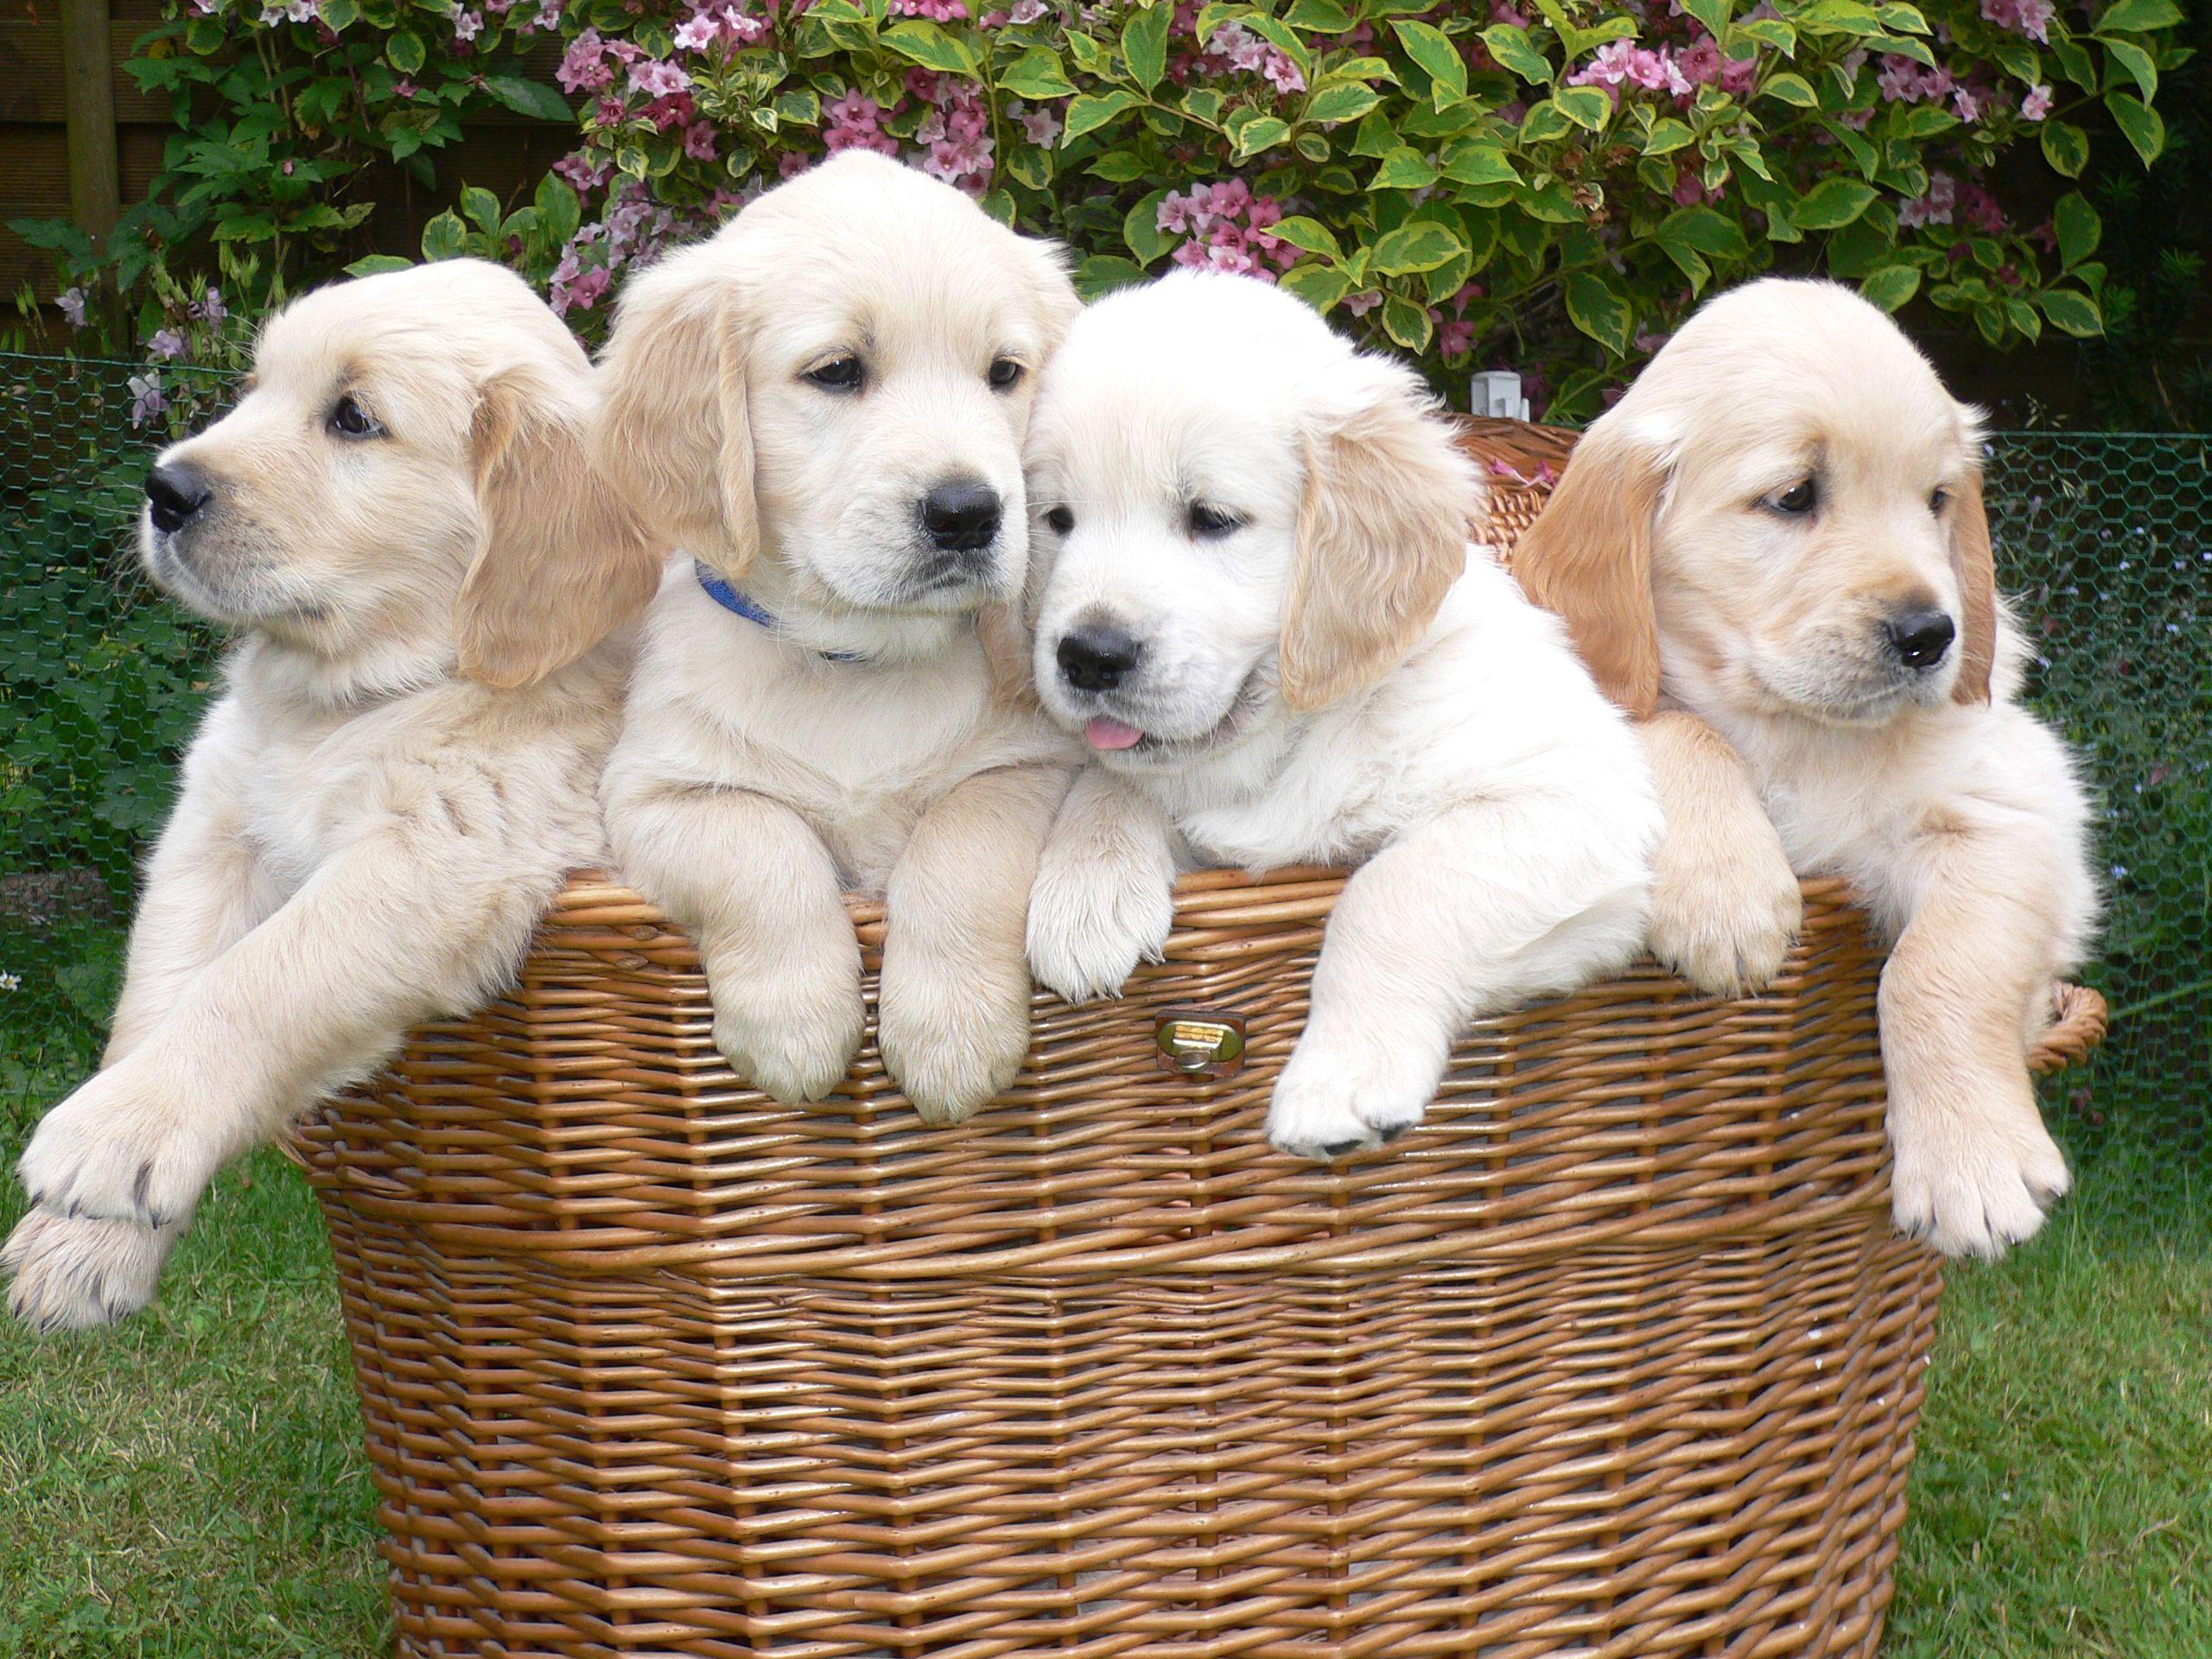 What S Cuter Than A Goldenretriever Pup A Basket Full Of Golden